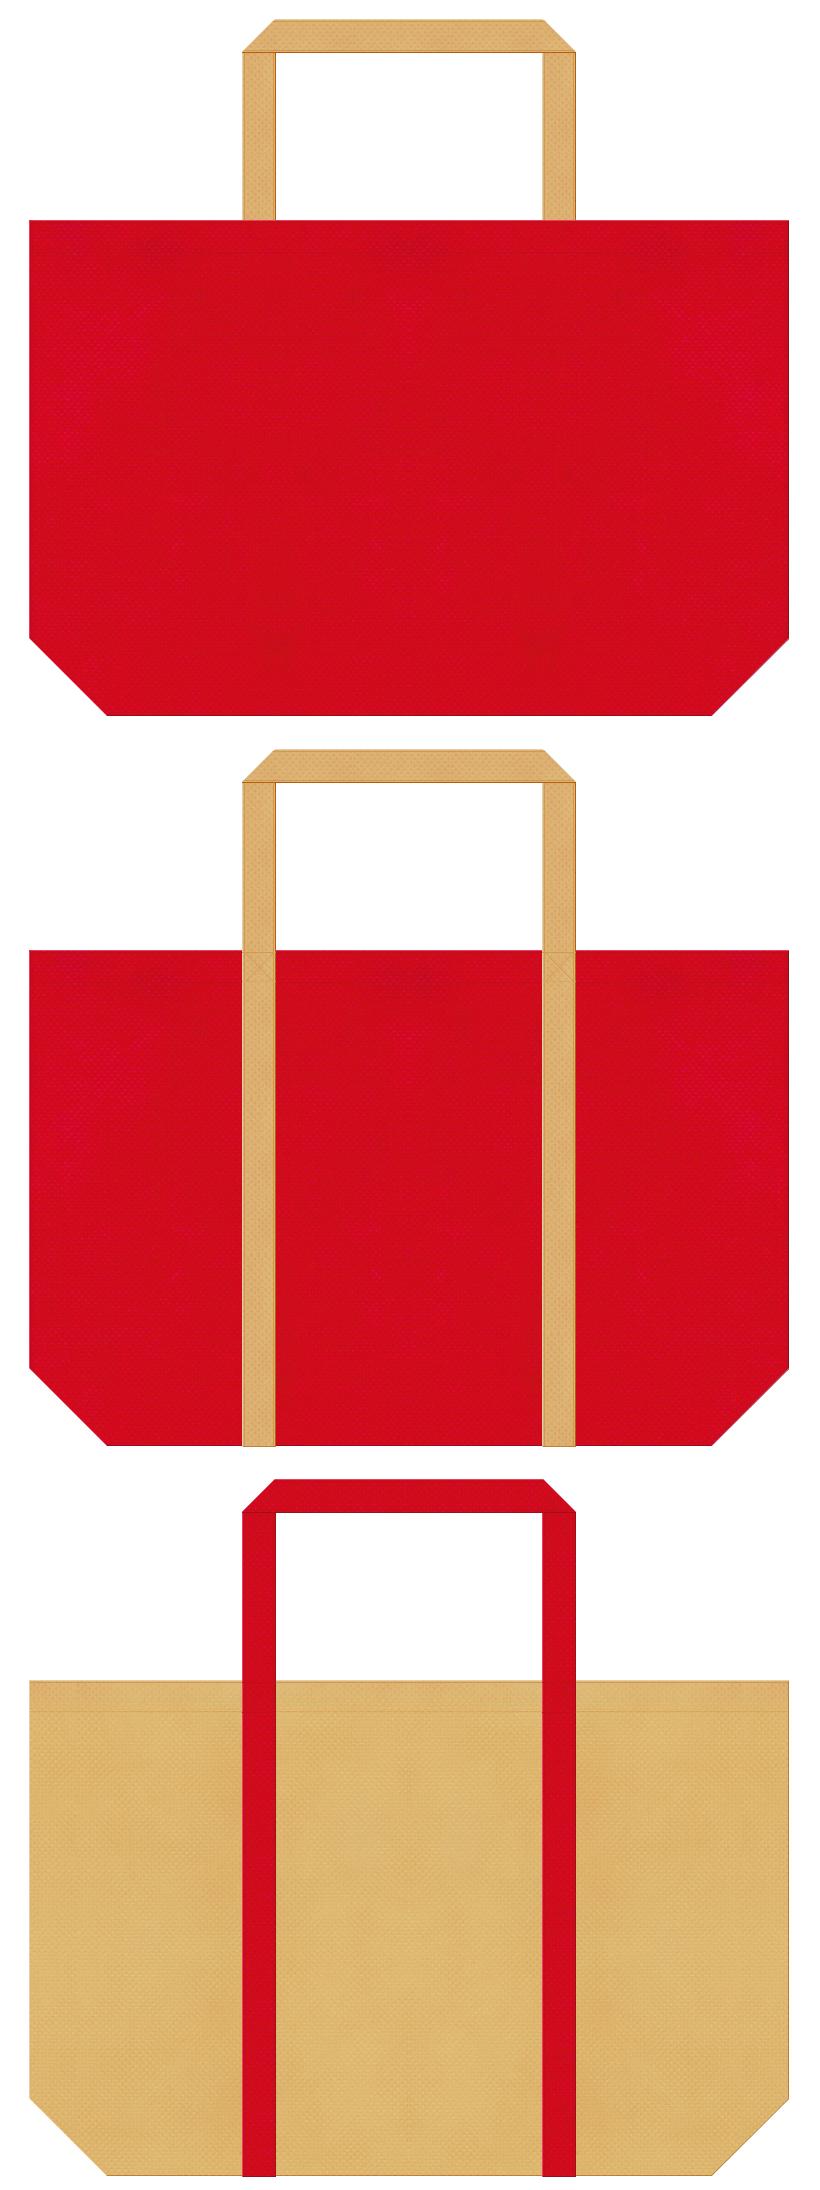 不織布ショッピングバッグのデザイン:紅色と薄黄土色のコーデ。節分商品のショッピングバッグにお奨めです。